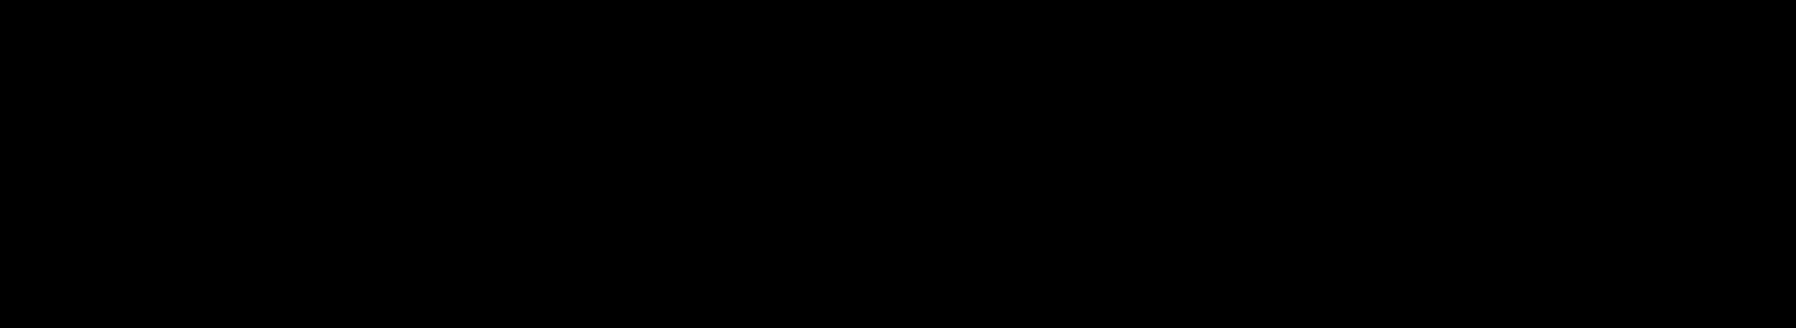 Ximeninic Acid